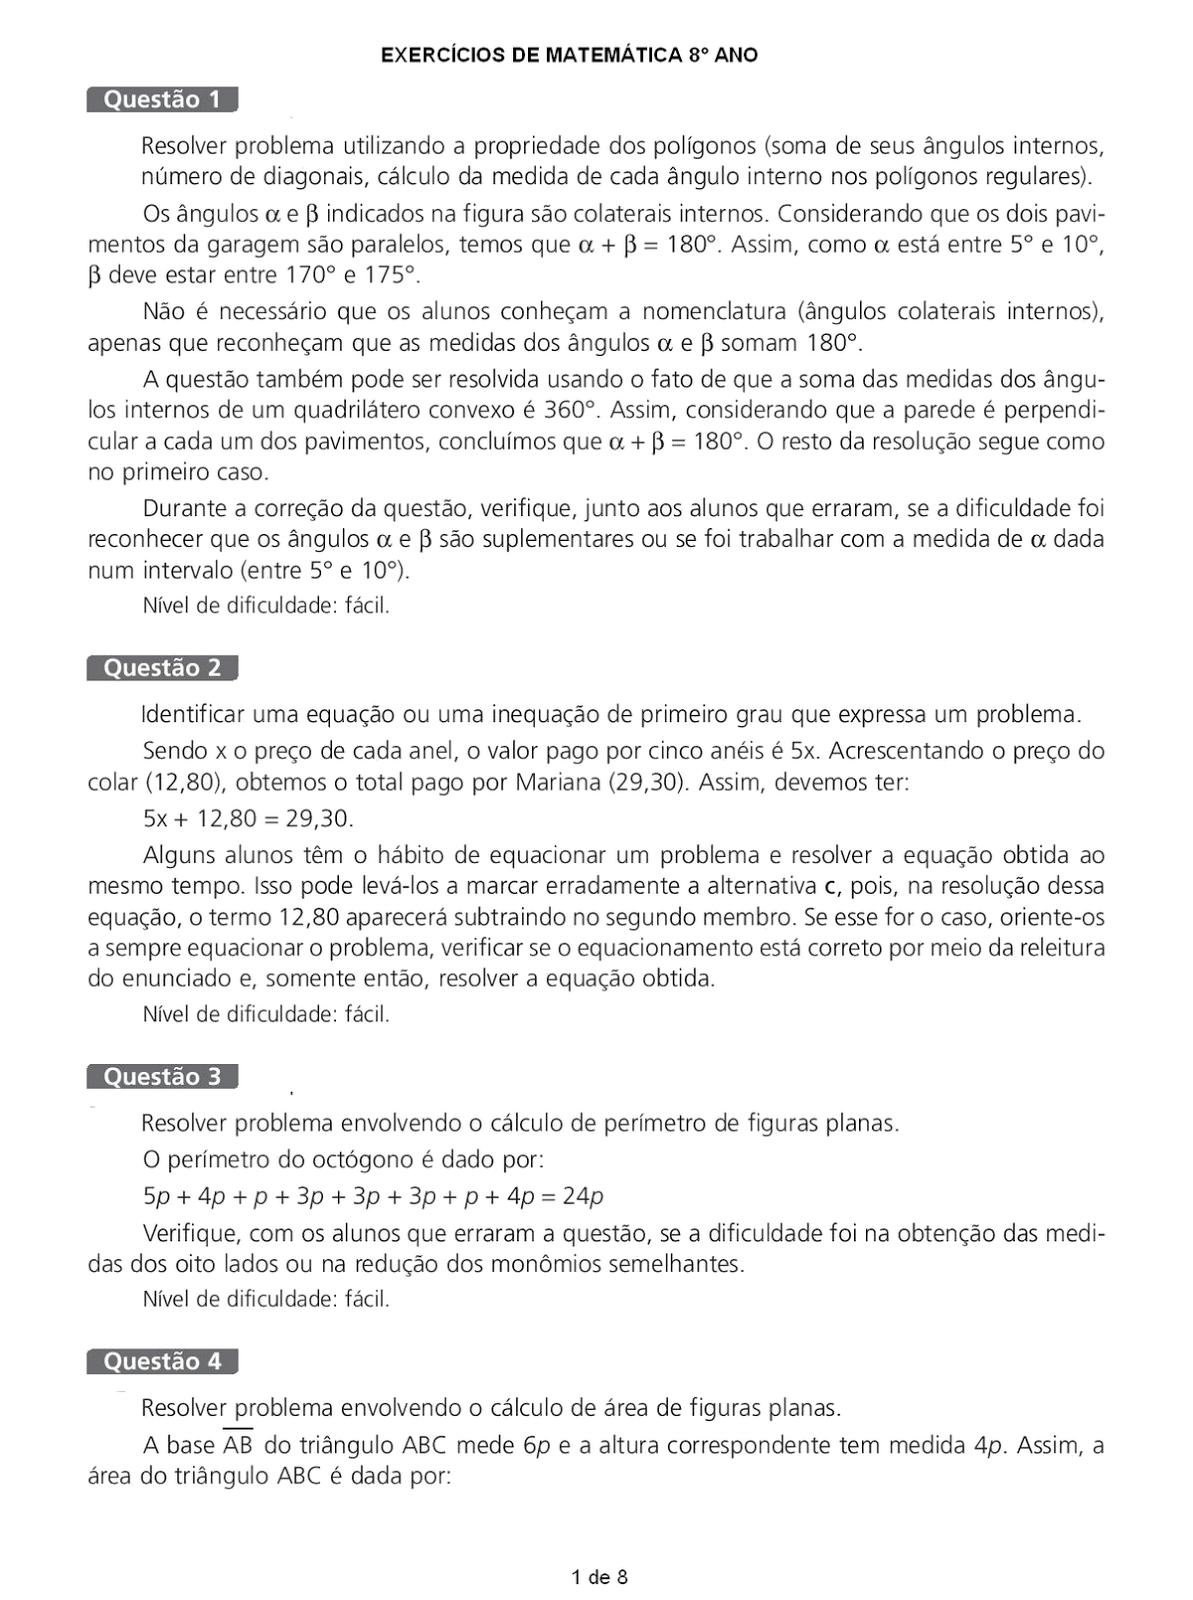 Portal Escola Matematica 8 Ano 190 Atividades Com Gabarito Exercicios Provas Avaliacoes V